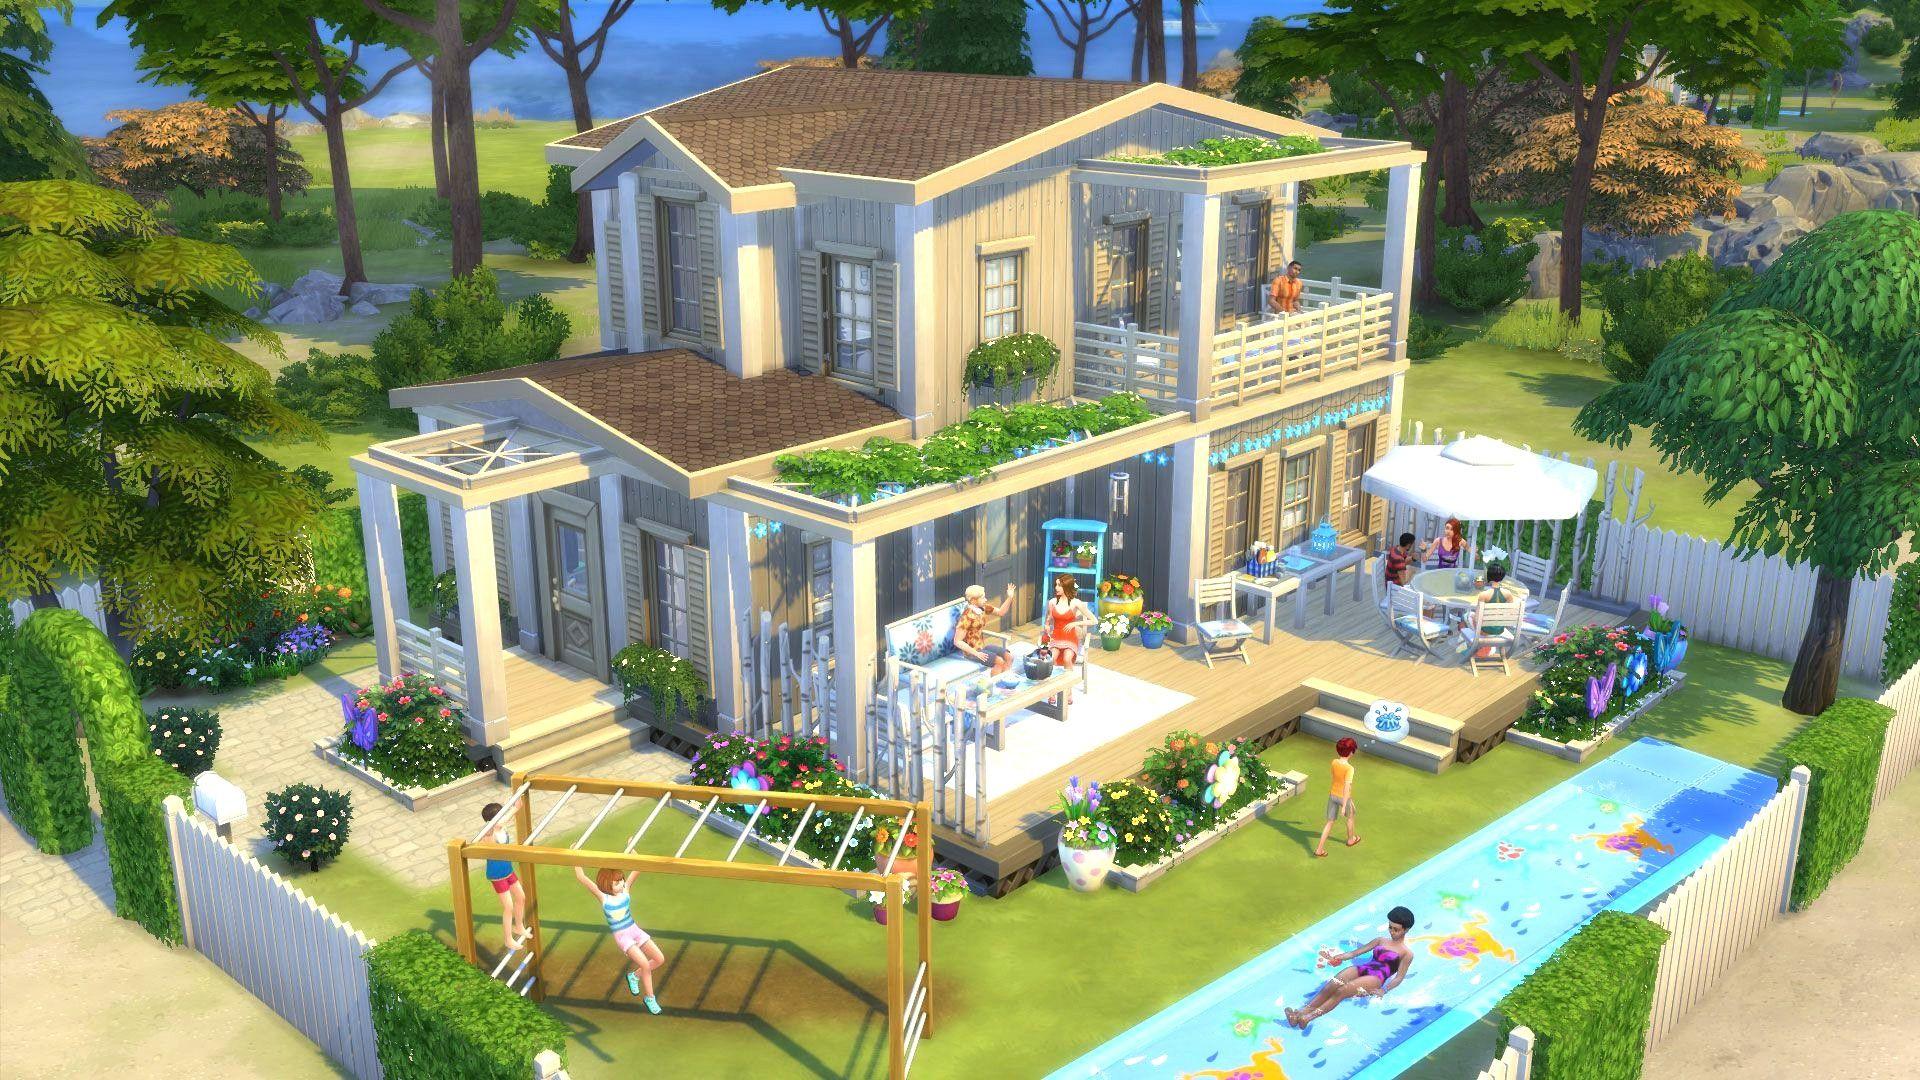 Sims 4 Garten Ideen Sims 4 Backyard Stuff Sims House Sims 4 Houses